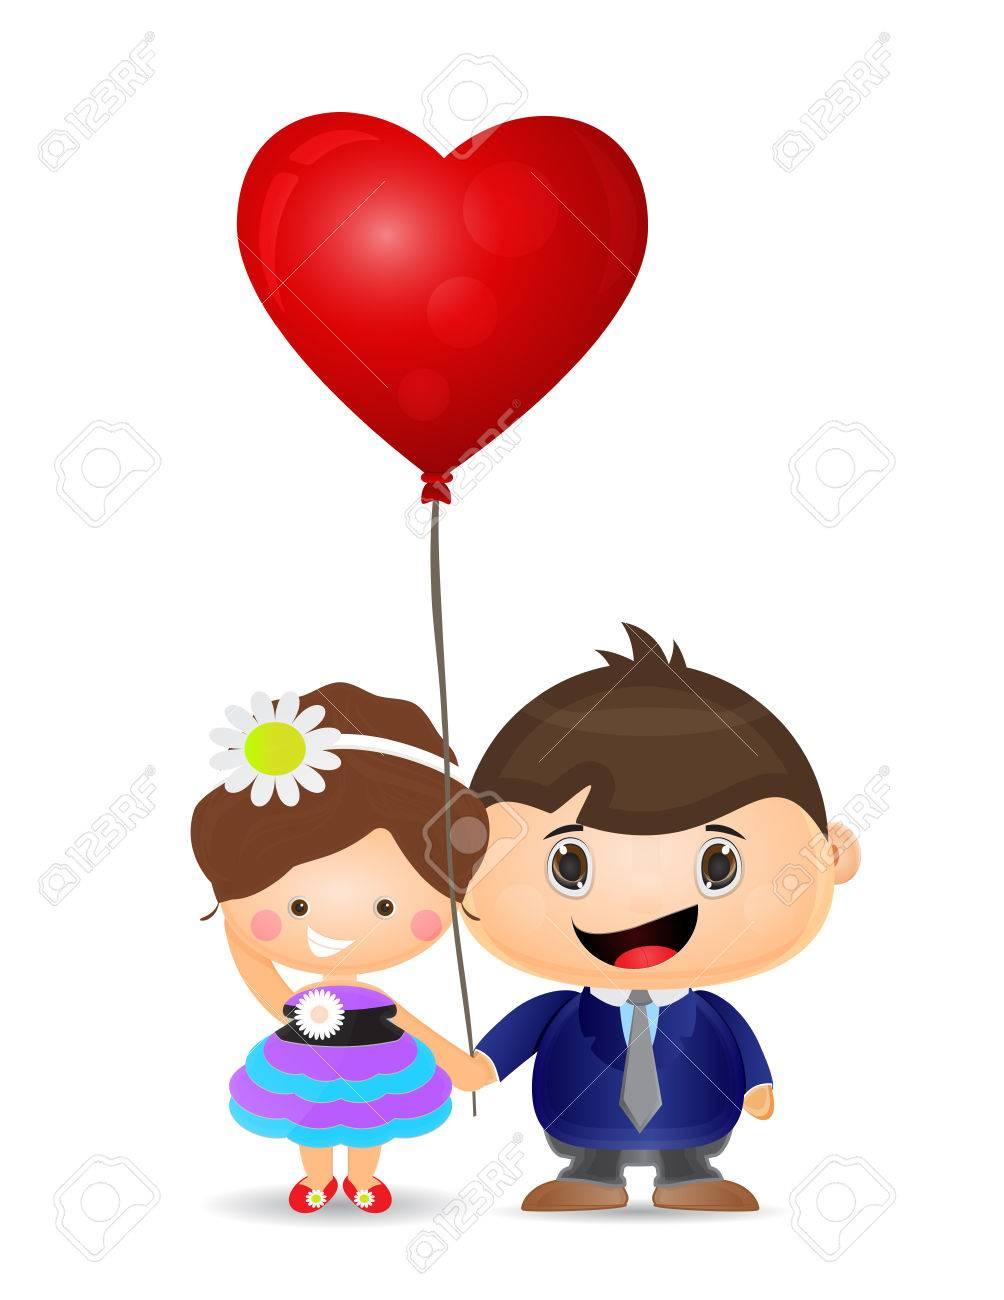 イラスト カップル少年と少女愛バルーンを保持のイラスト素材ベクタ